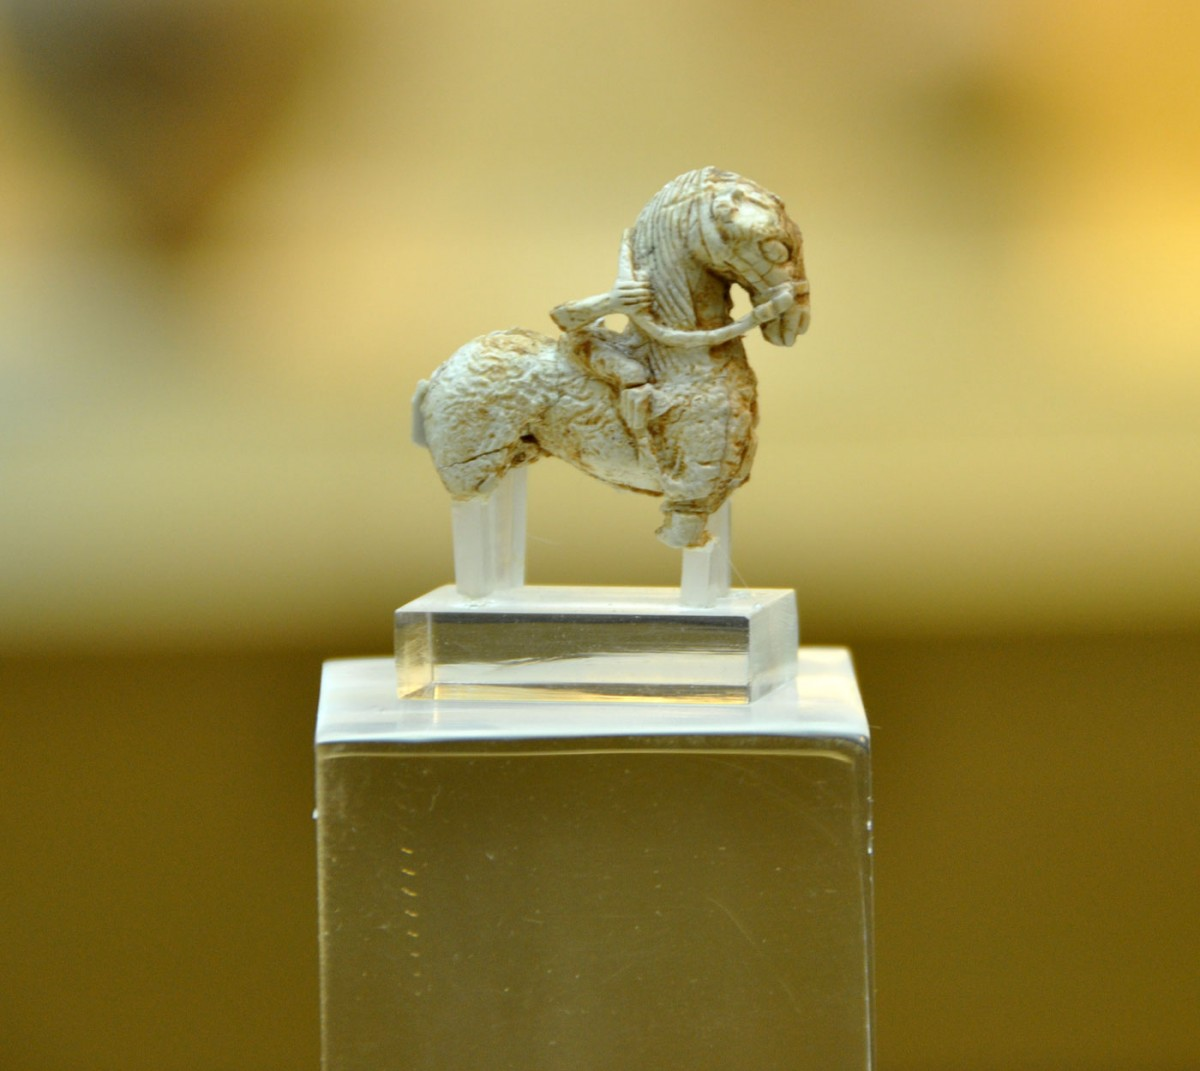 Εικ. 14. Ειδώλιο ίππου με τον αναβάτη του από ελεφαντόδοντο. Μέσα 7ου αι. π.Χ. Εμποριό (Ιερό του Λιμανιού).